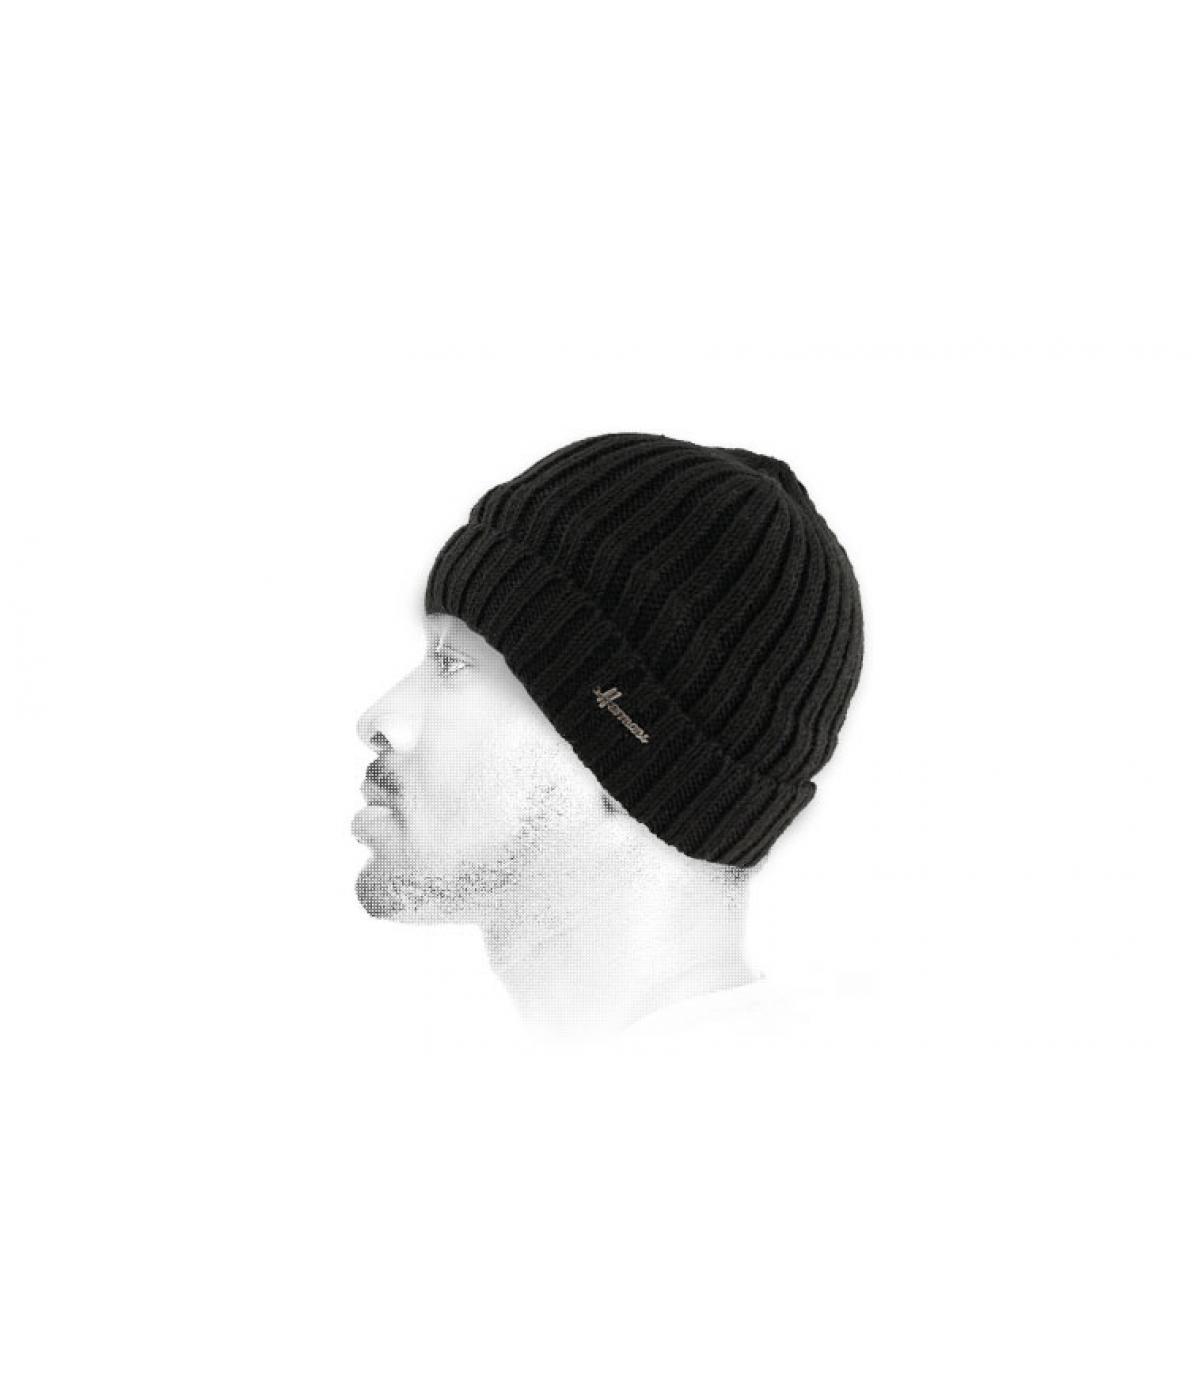 sombrero de la solapa de lana negro